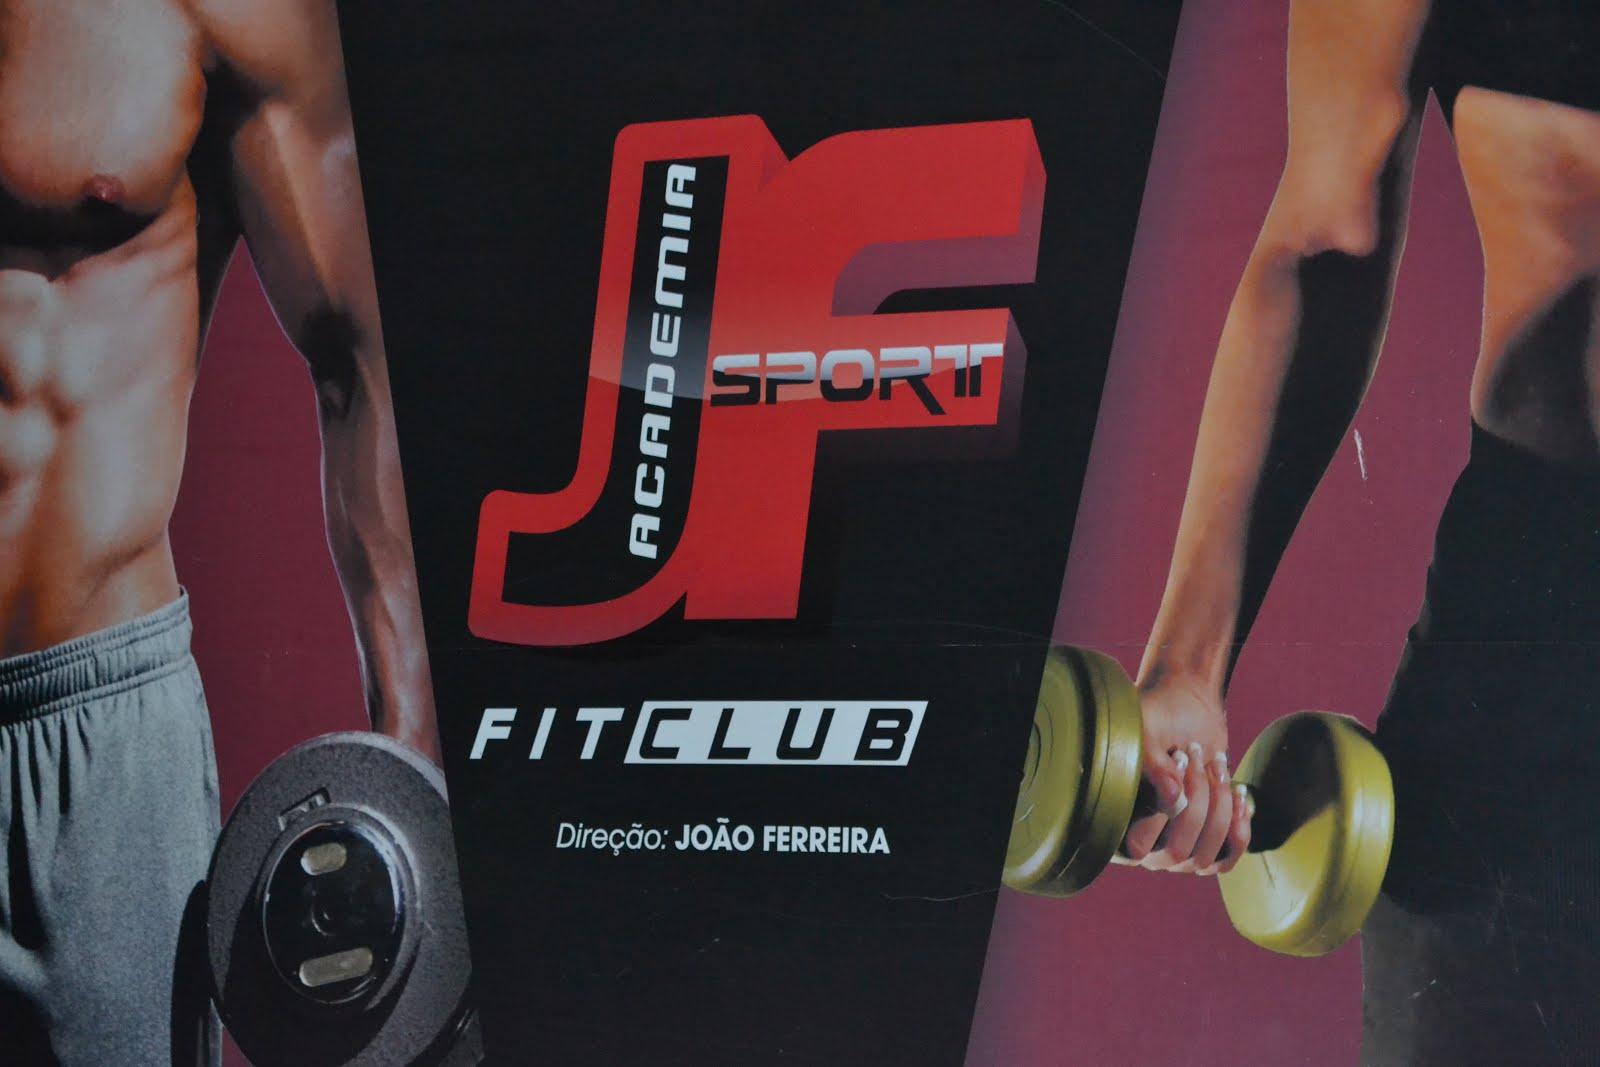 Ginástica, lutas, musculação